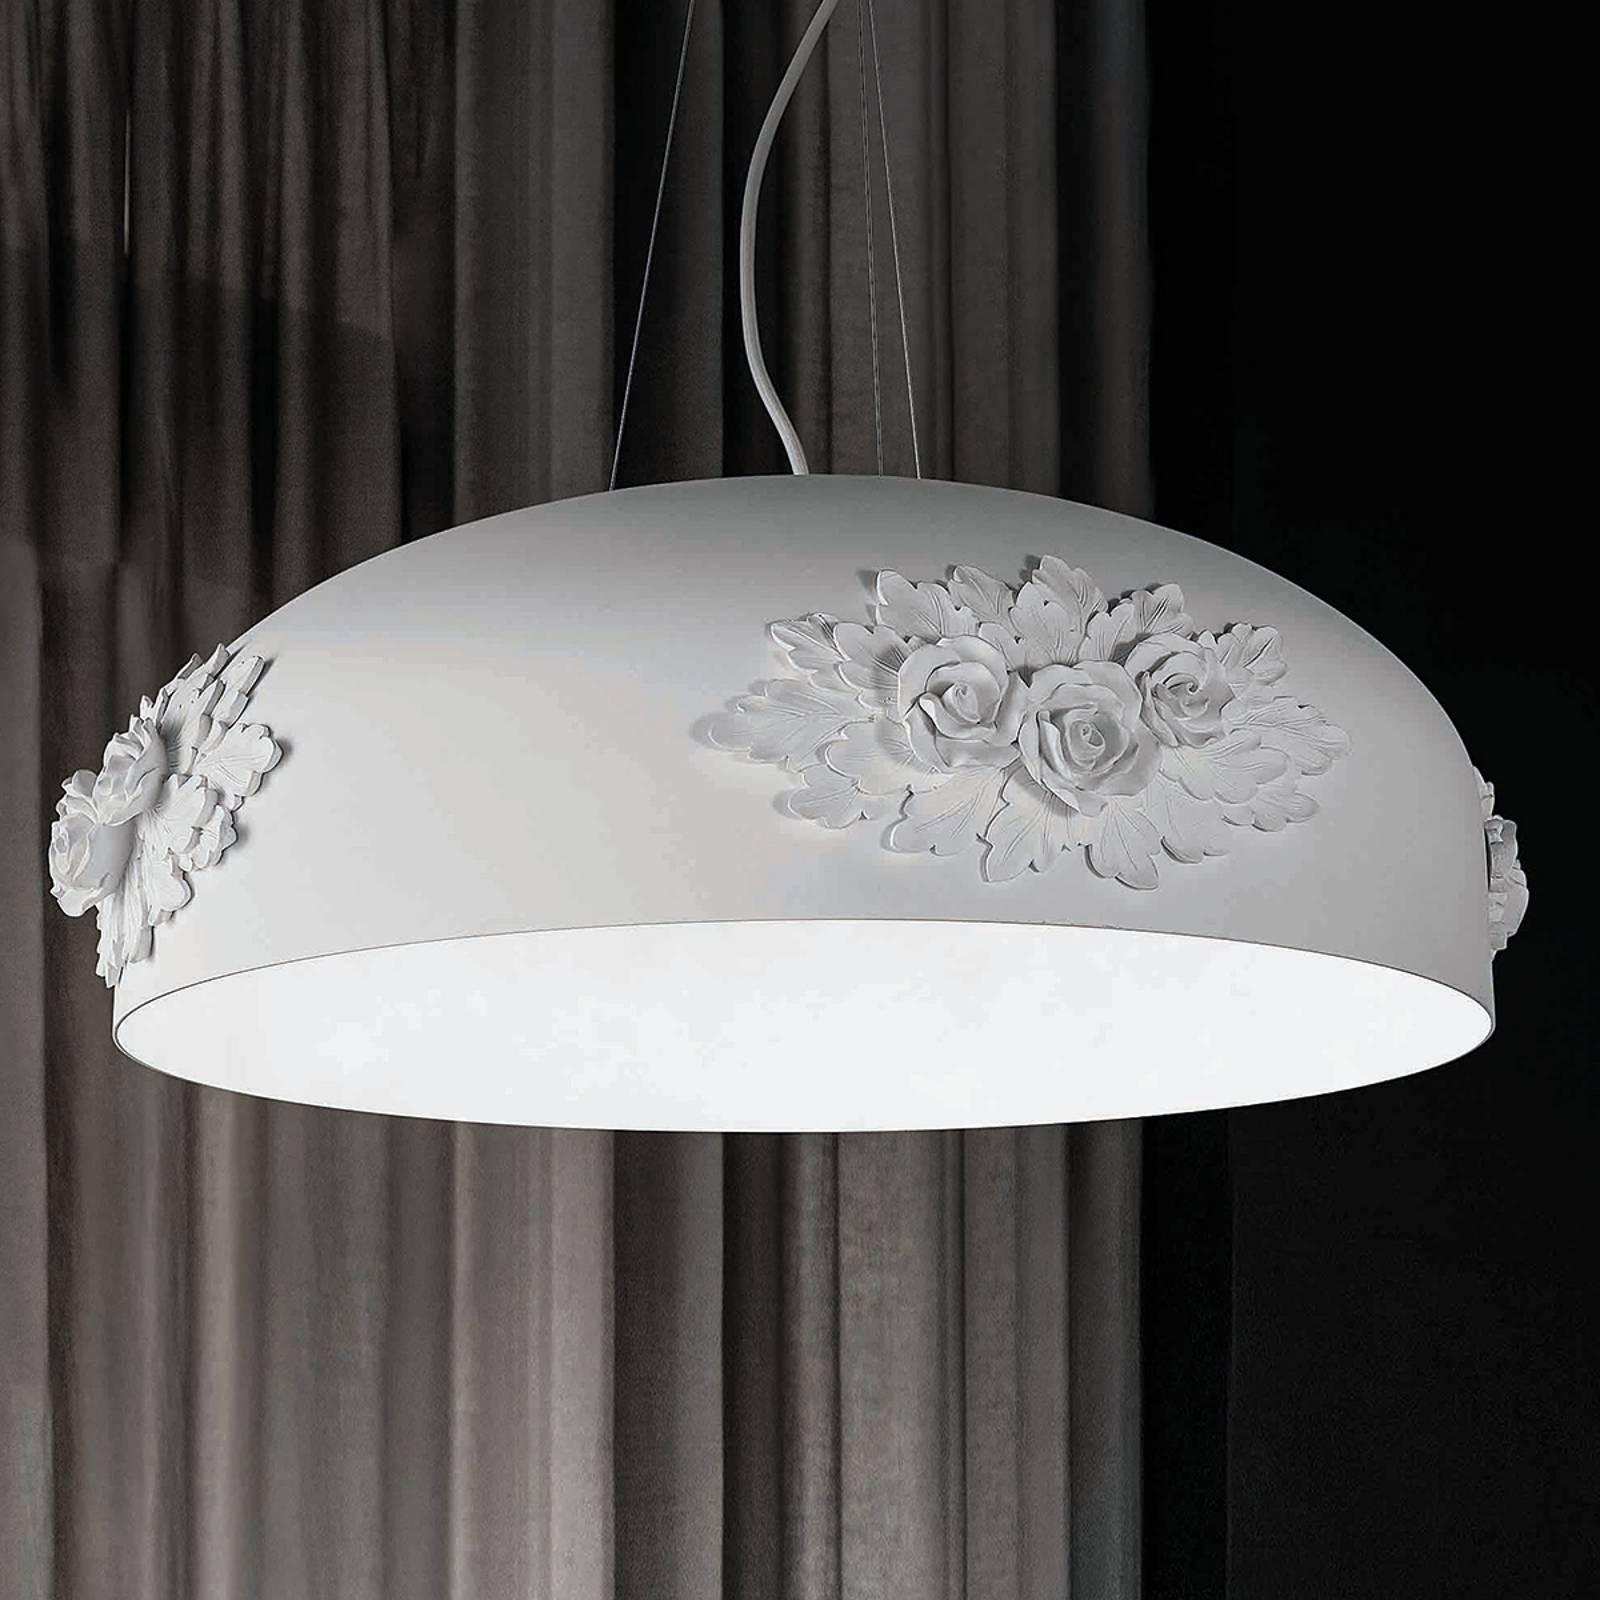 LED-riippuvalaisin Dame, valkoinen, 65 cm